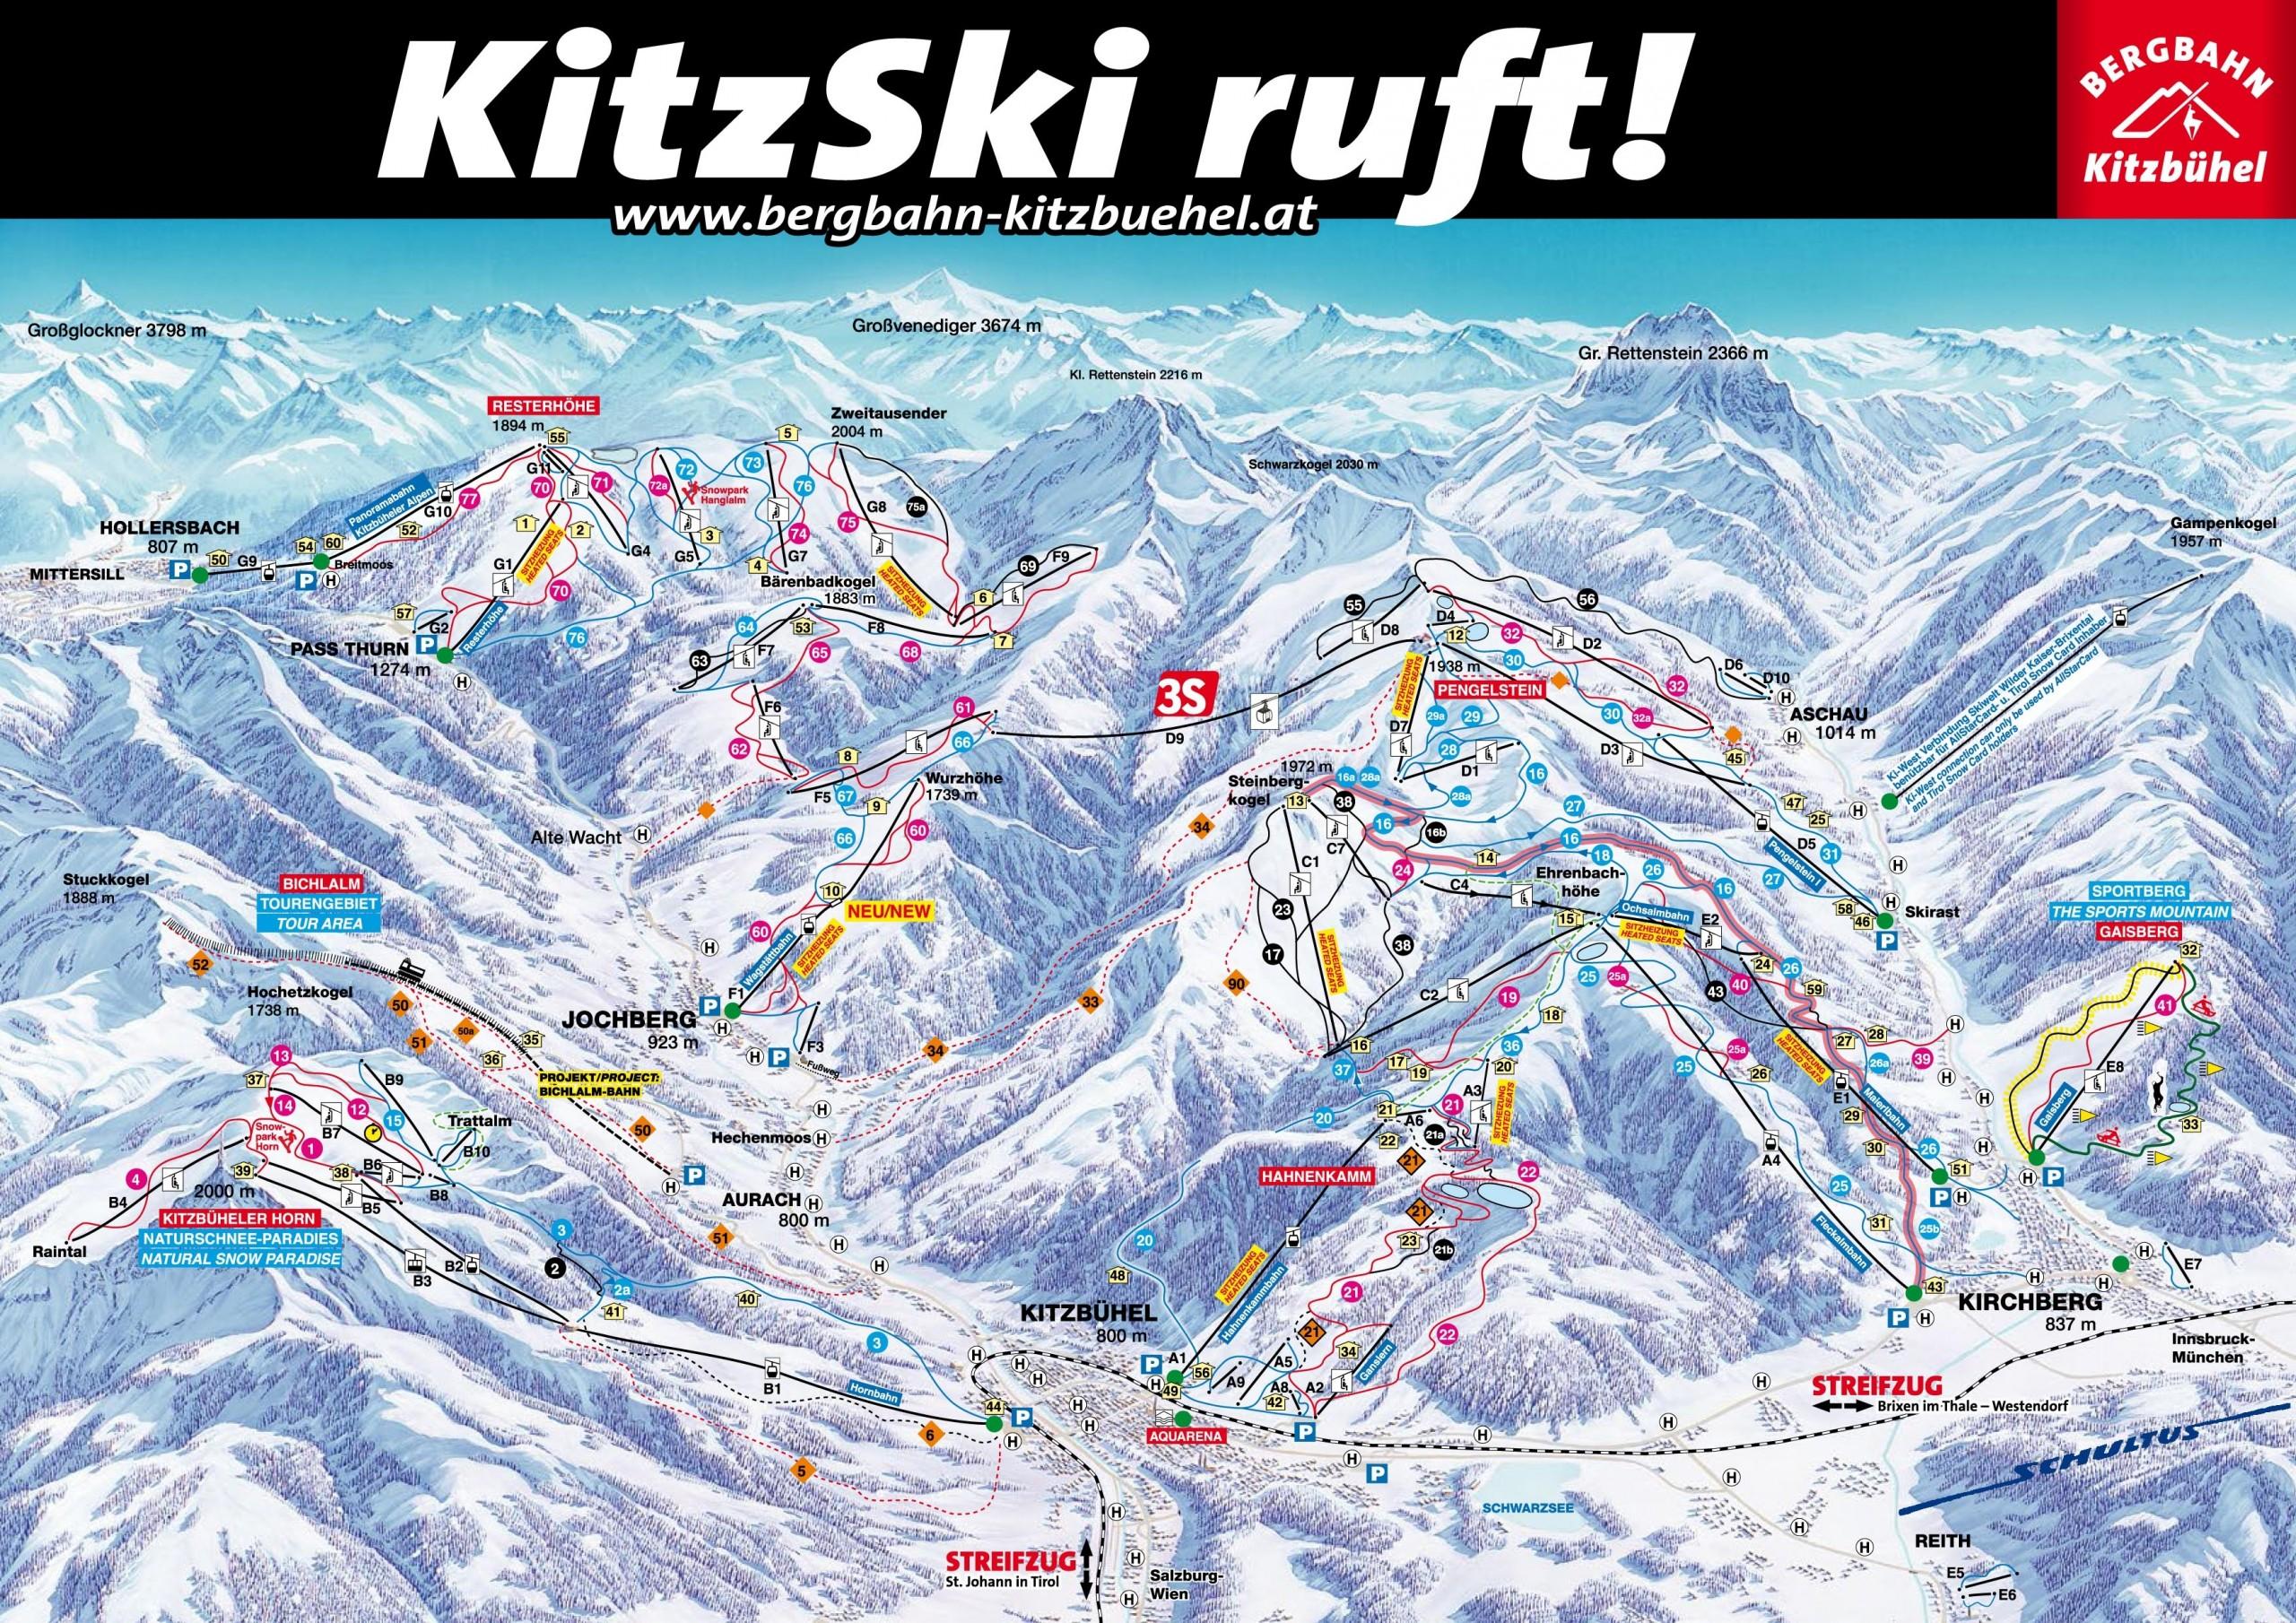 skigebied kitzbuehel